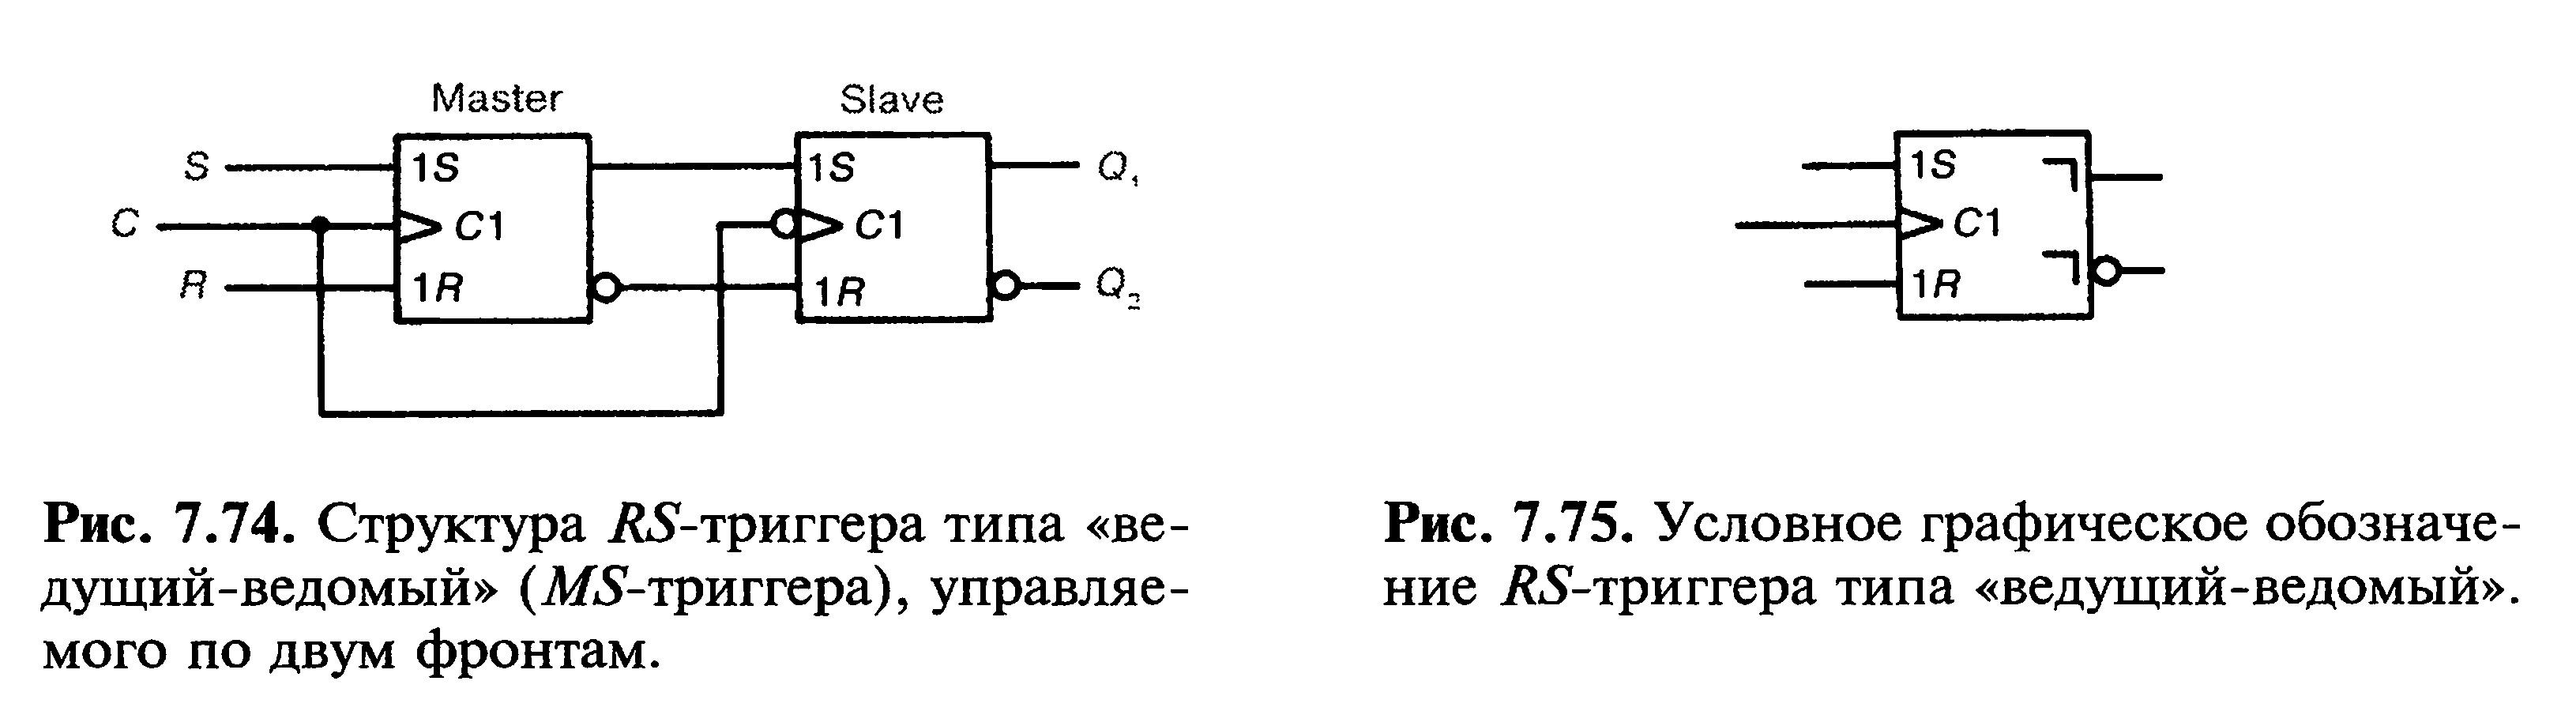 электрическая принципиальная схема с триггером